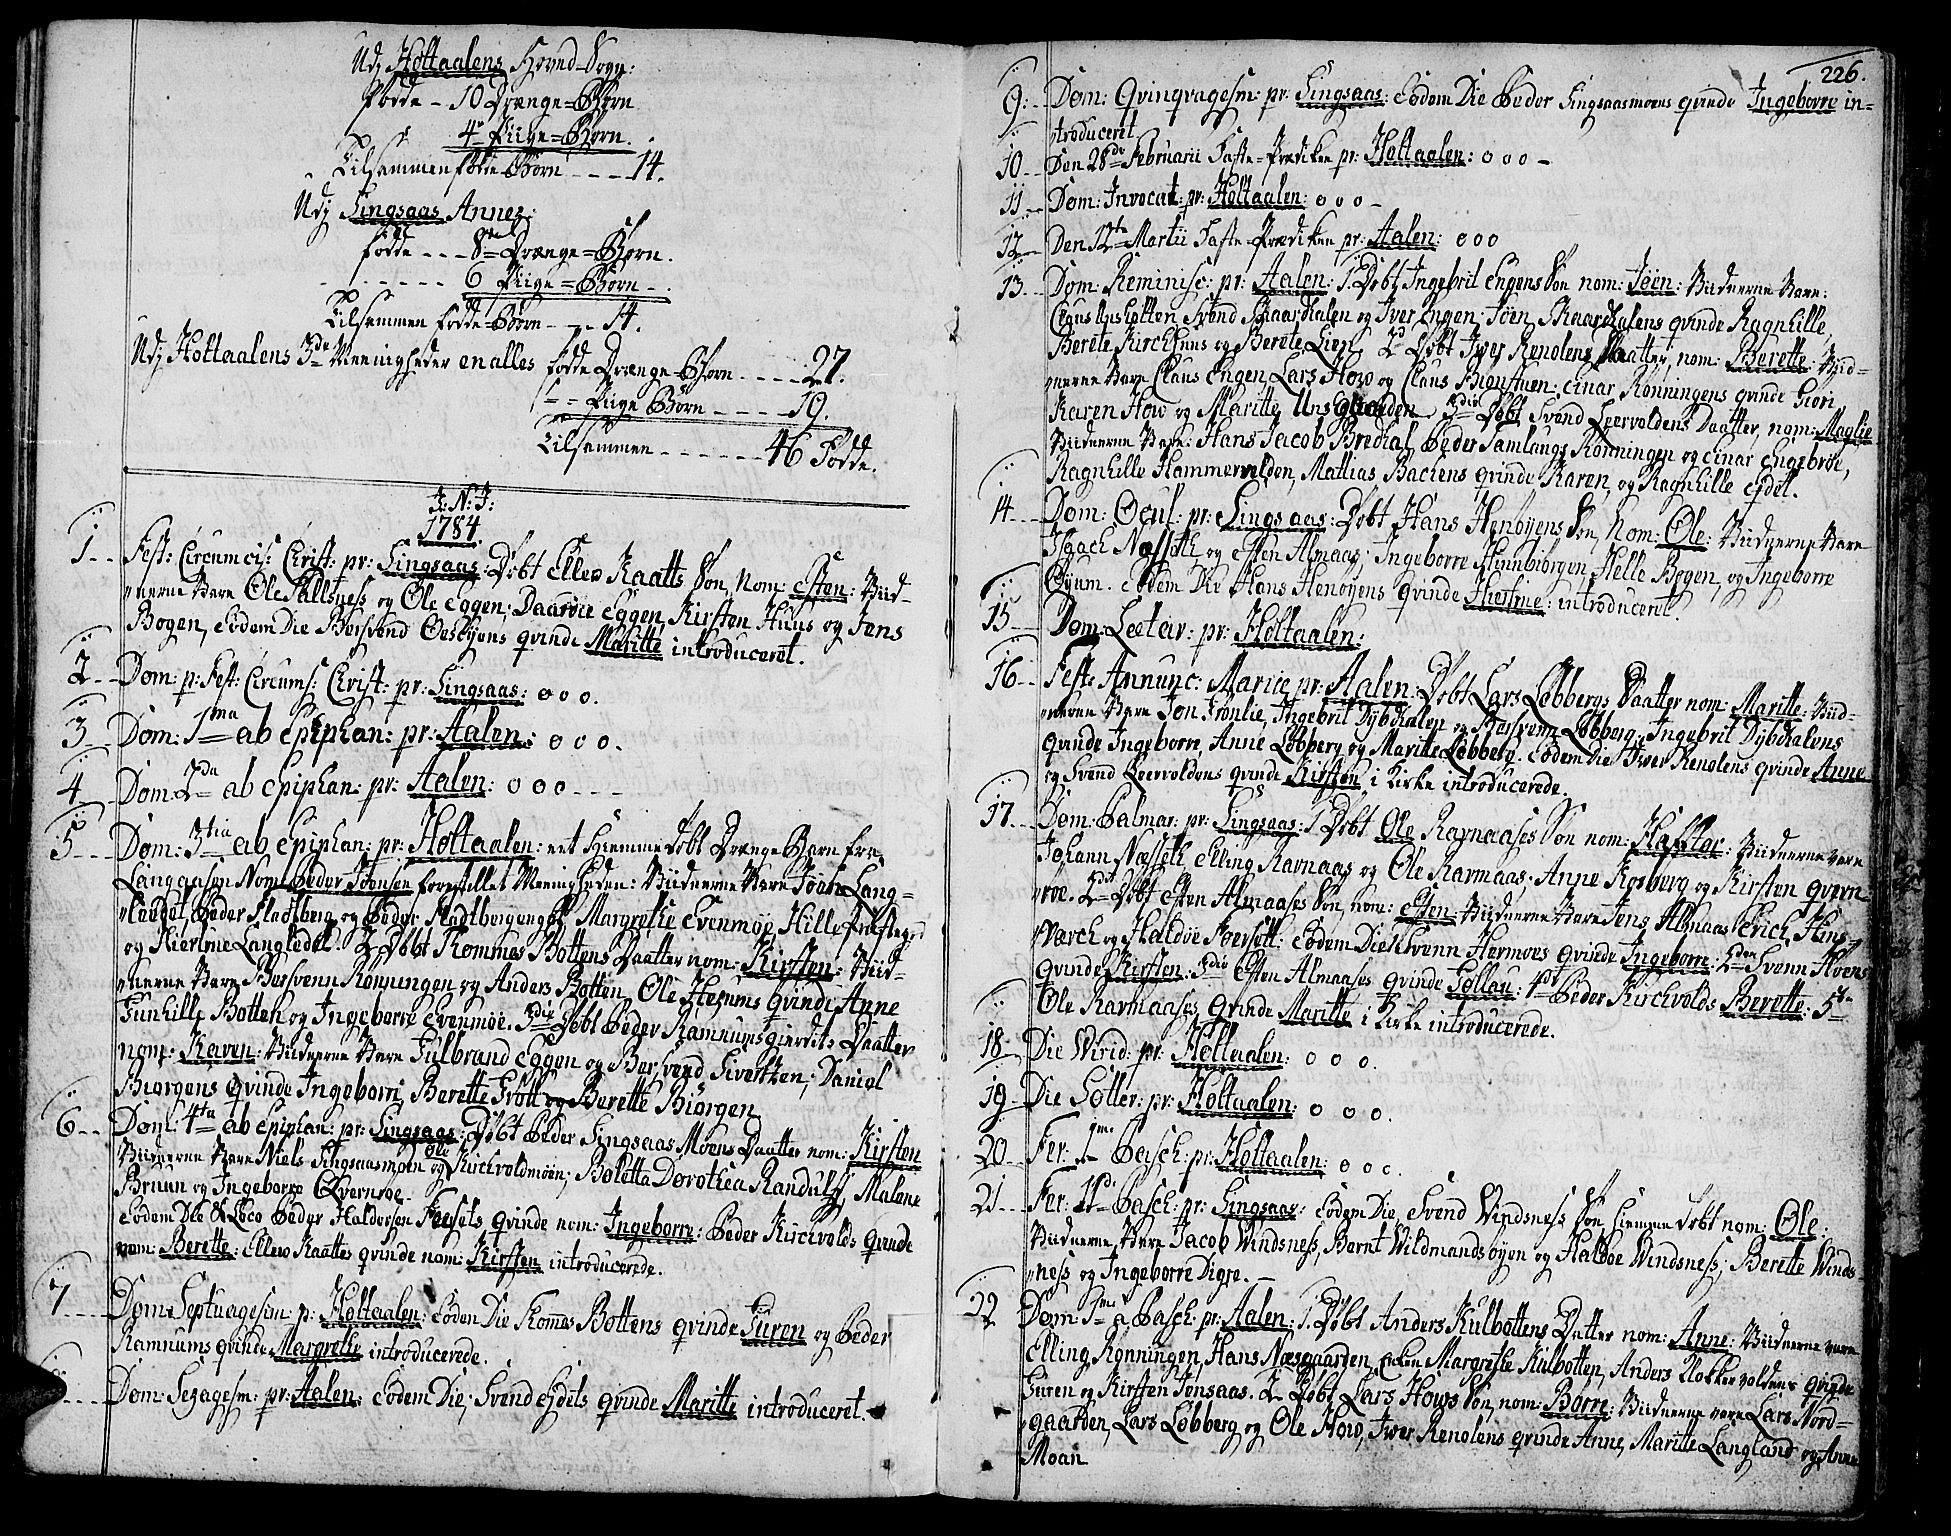 SAT, Ministerialprotokoller, klokkerbøker og fødselsregistre - Sør-Trøndelag, 685/L0952: Ministerialbok nr. 685A01, 1745-1804, s. 226